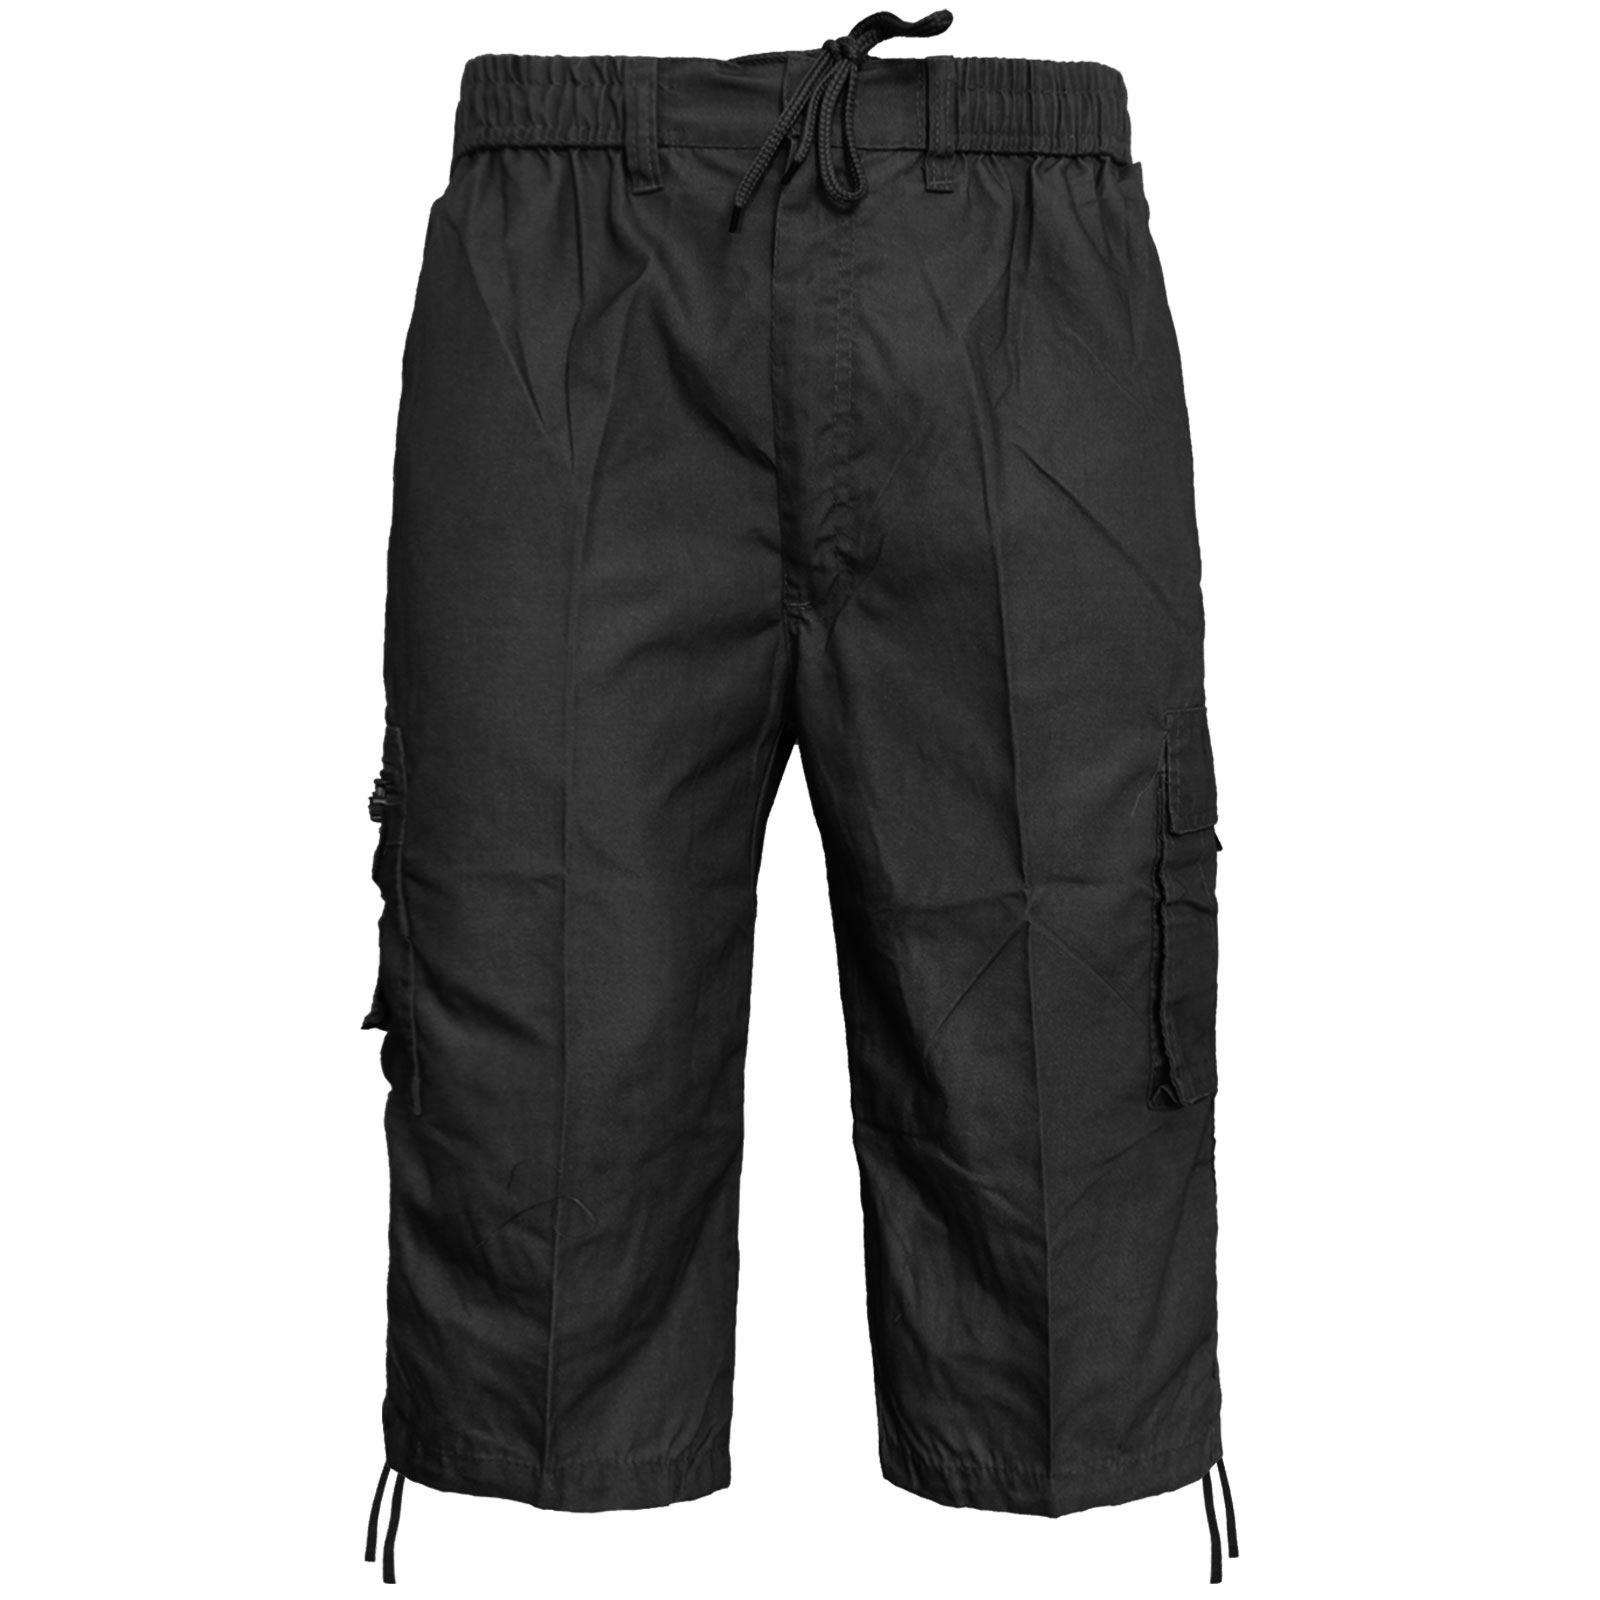 Homme Shorts 34 Cargo Poche Pour Élastique Combat Plage Short qUzMpSV